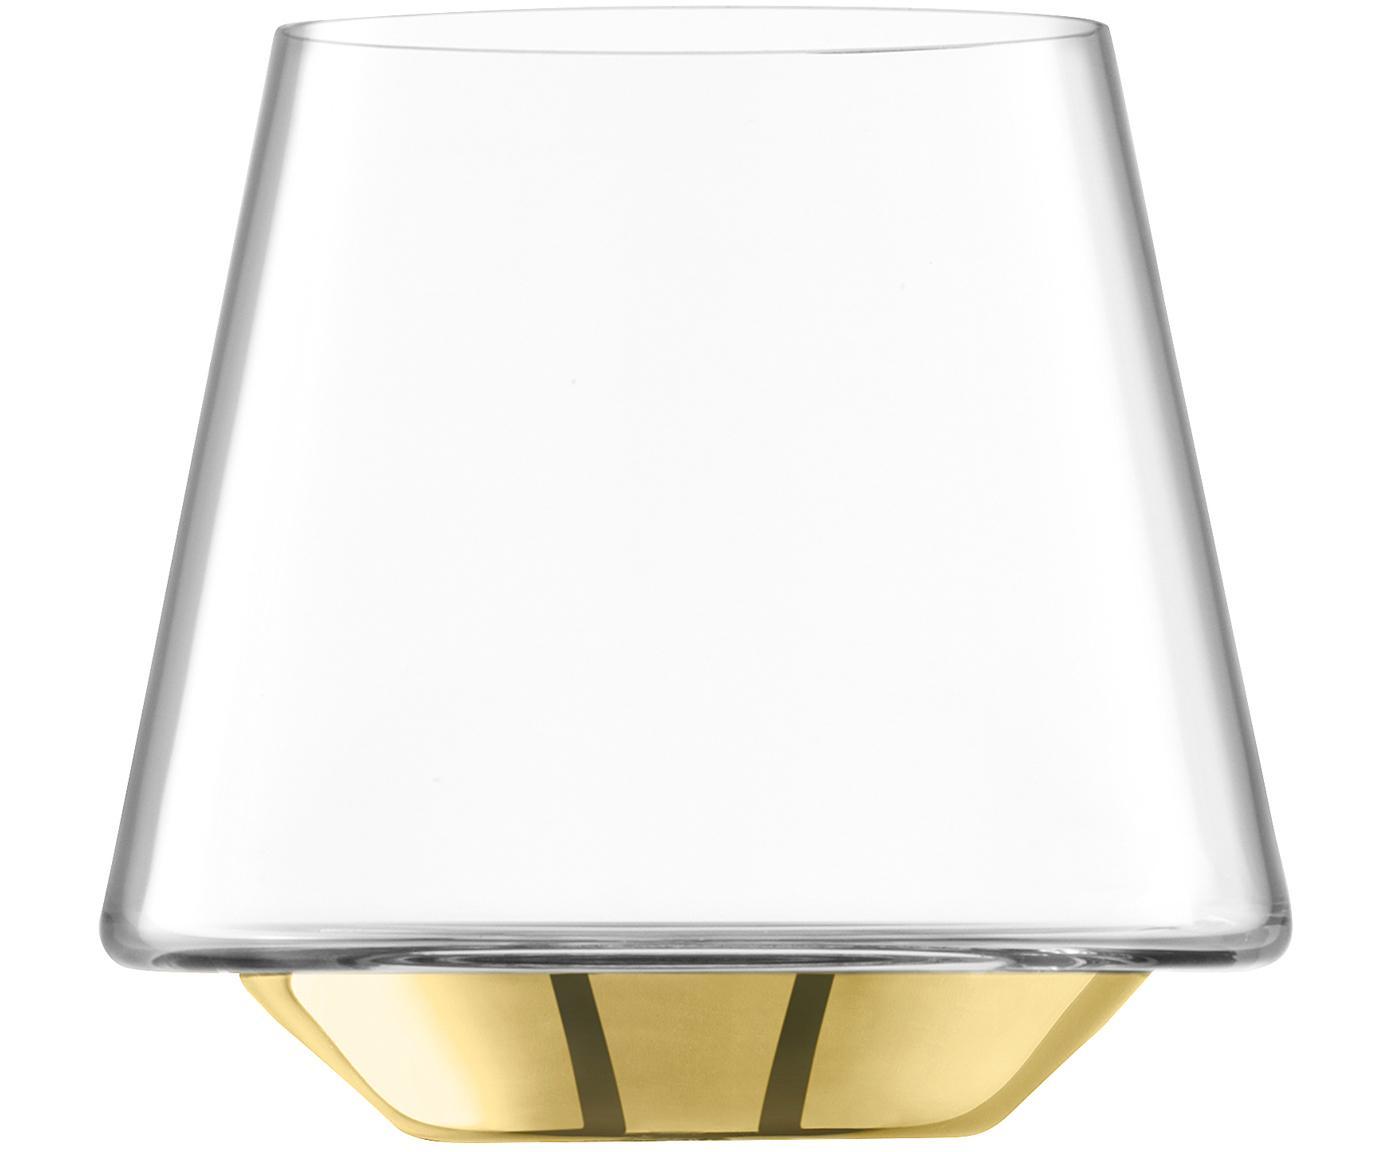 Vasos de vidrio soplado Space, 2uds., Vidrio, Transparente, dorado, Ø 10 x Al 9 cm